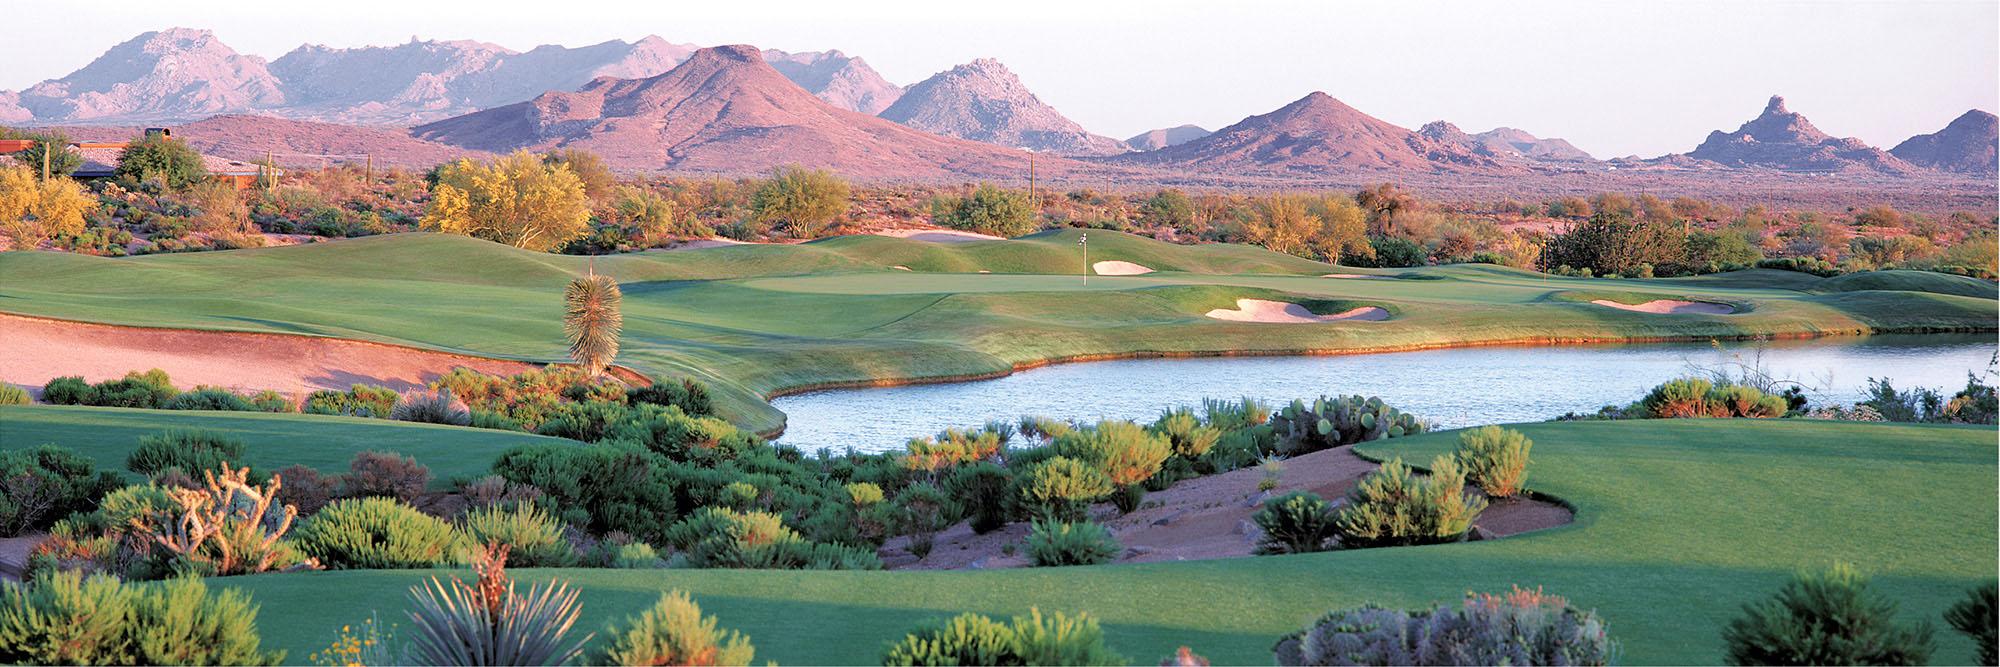 Golf Course Image - Desert Mountain Renegade No. 4